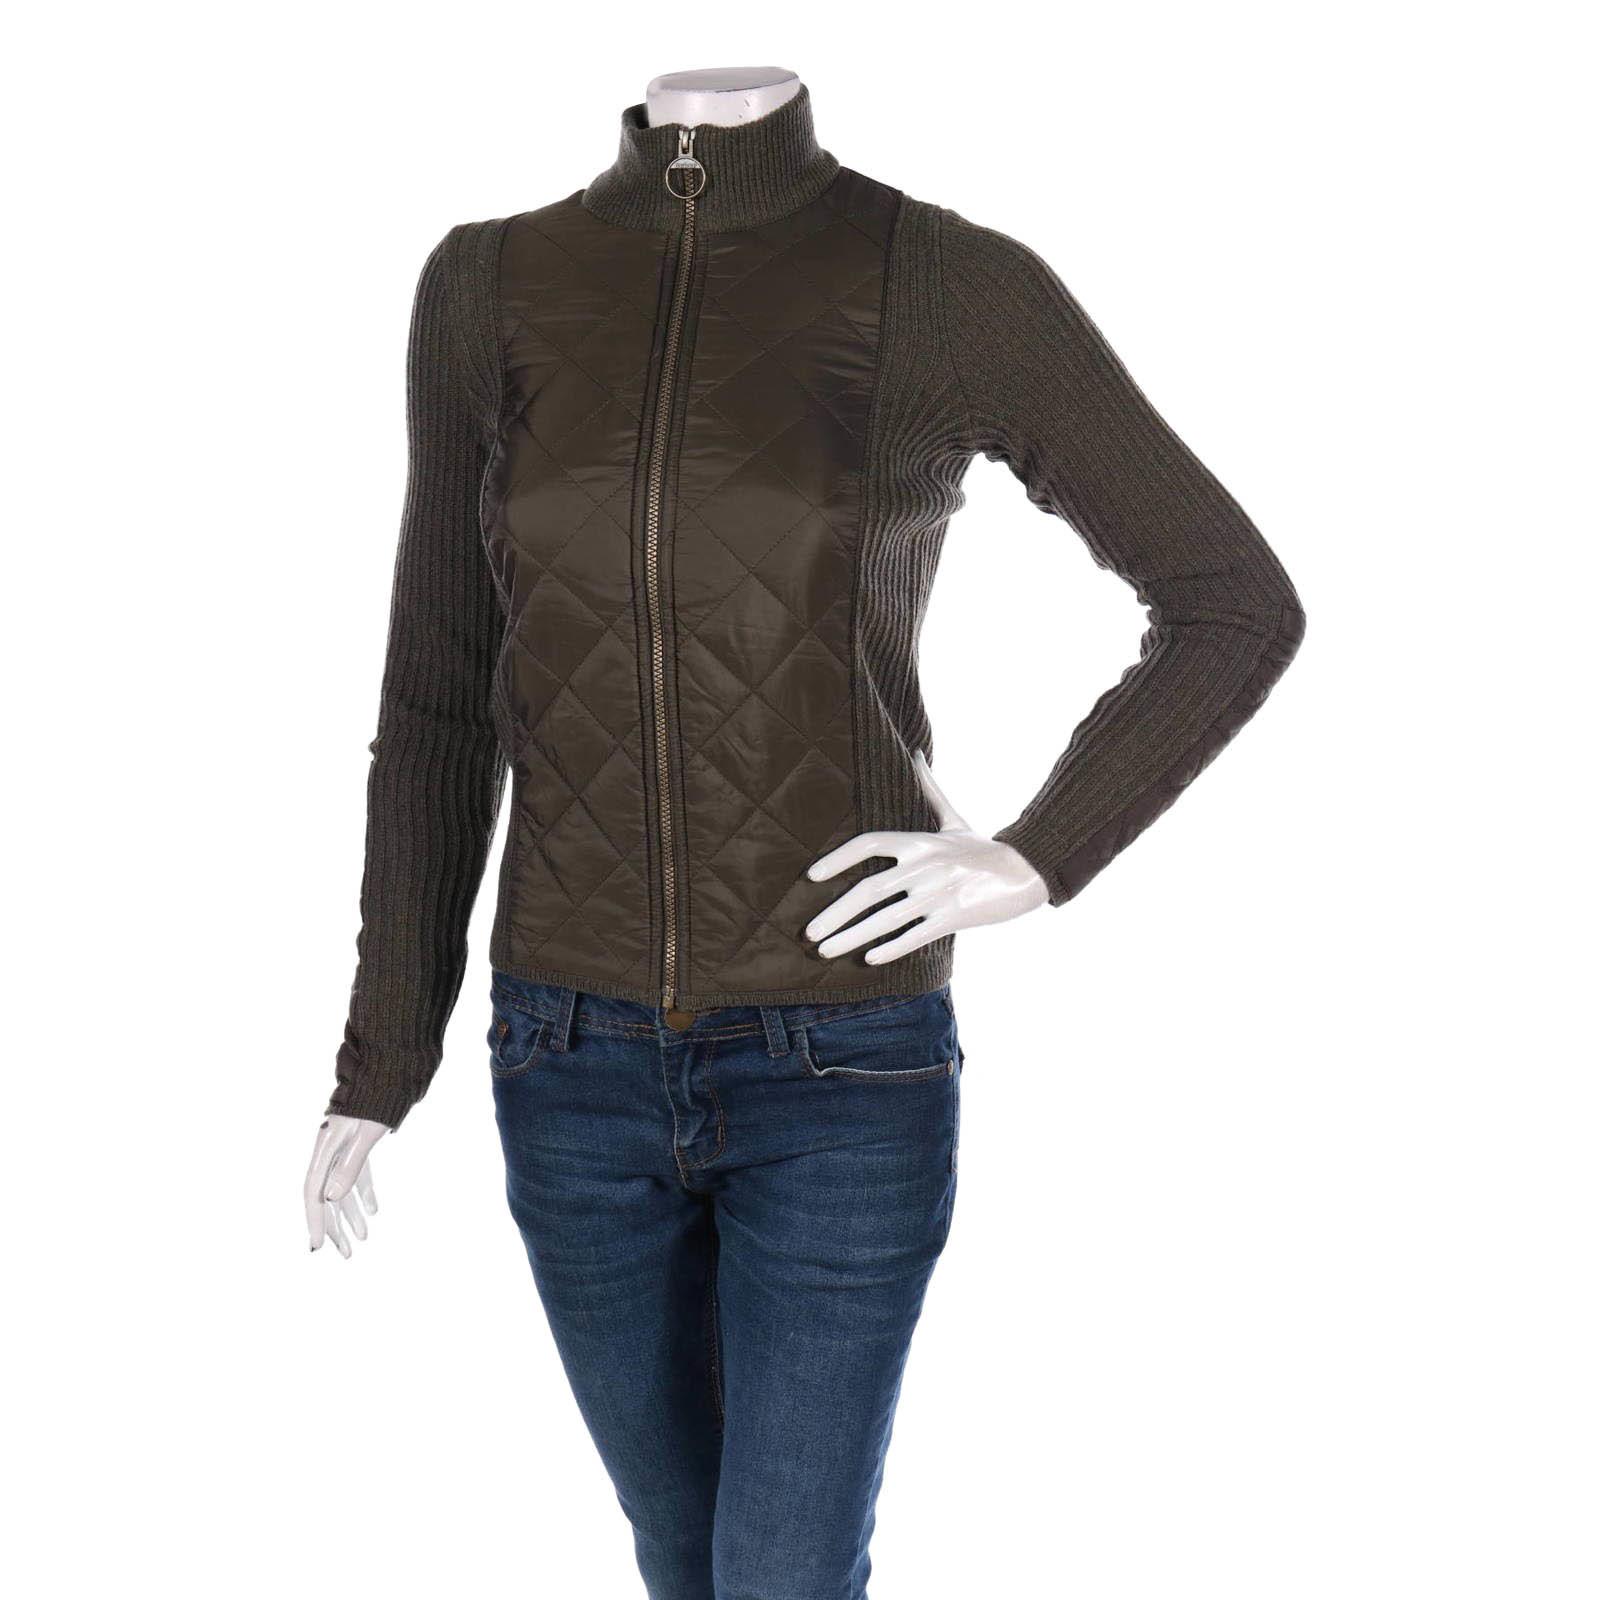 specialförsäljning 100% kvalitet ny produkt Barbour Knitwear Wool in Green - Second Hand Barbour Knitwear Wool ...